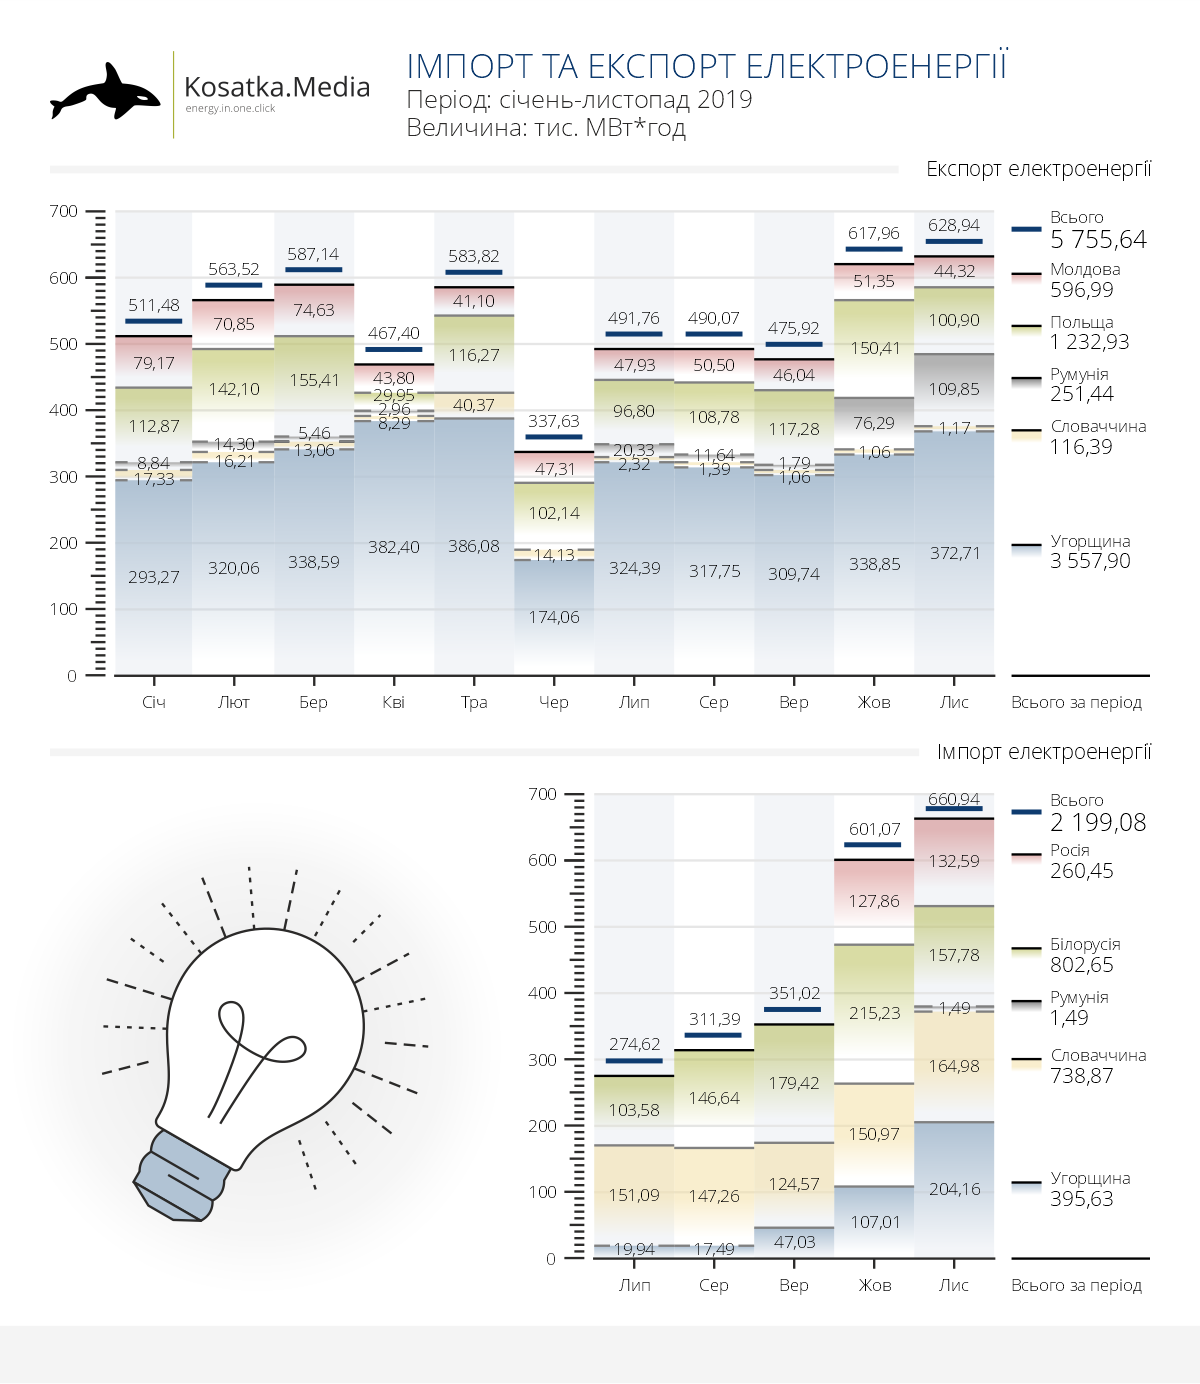 Імпорт електроенергії в Україні досяг 81% від експорту з моменту відкриття ринку